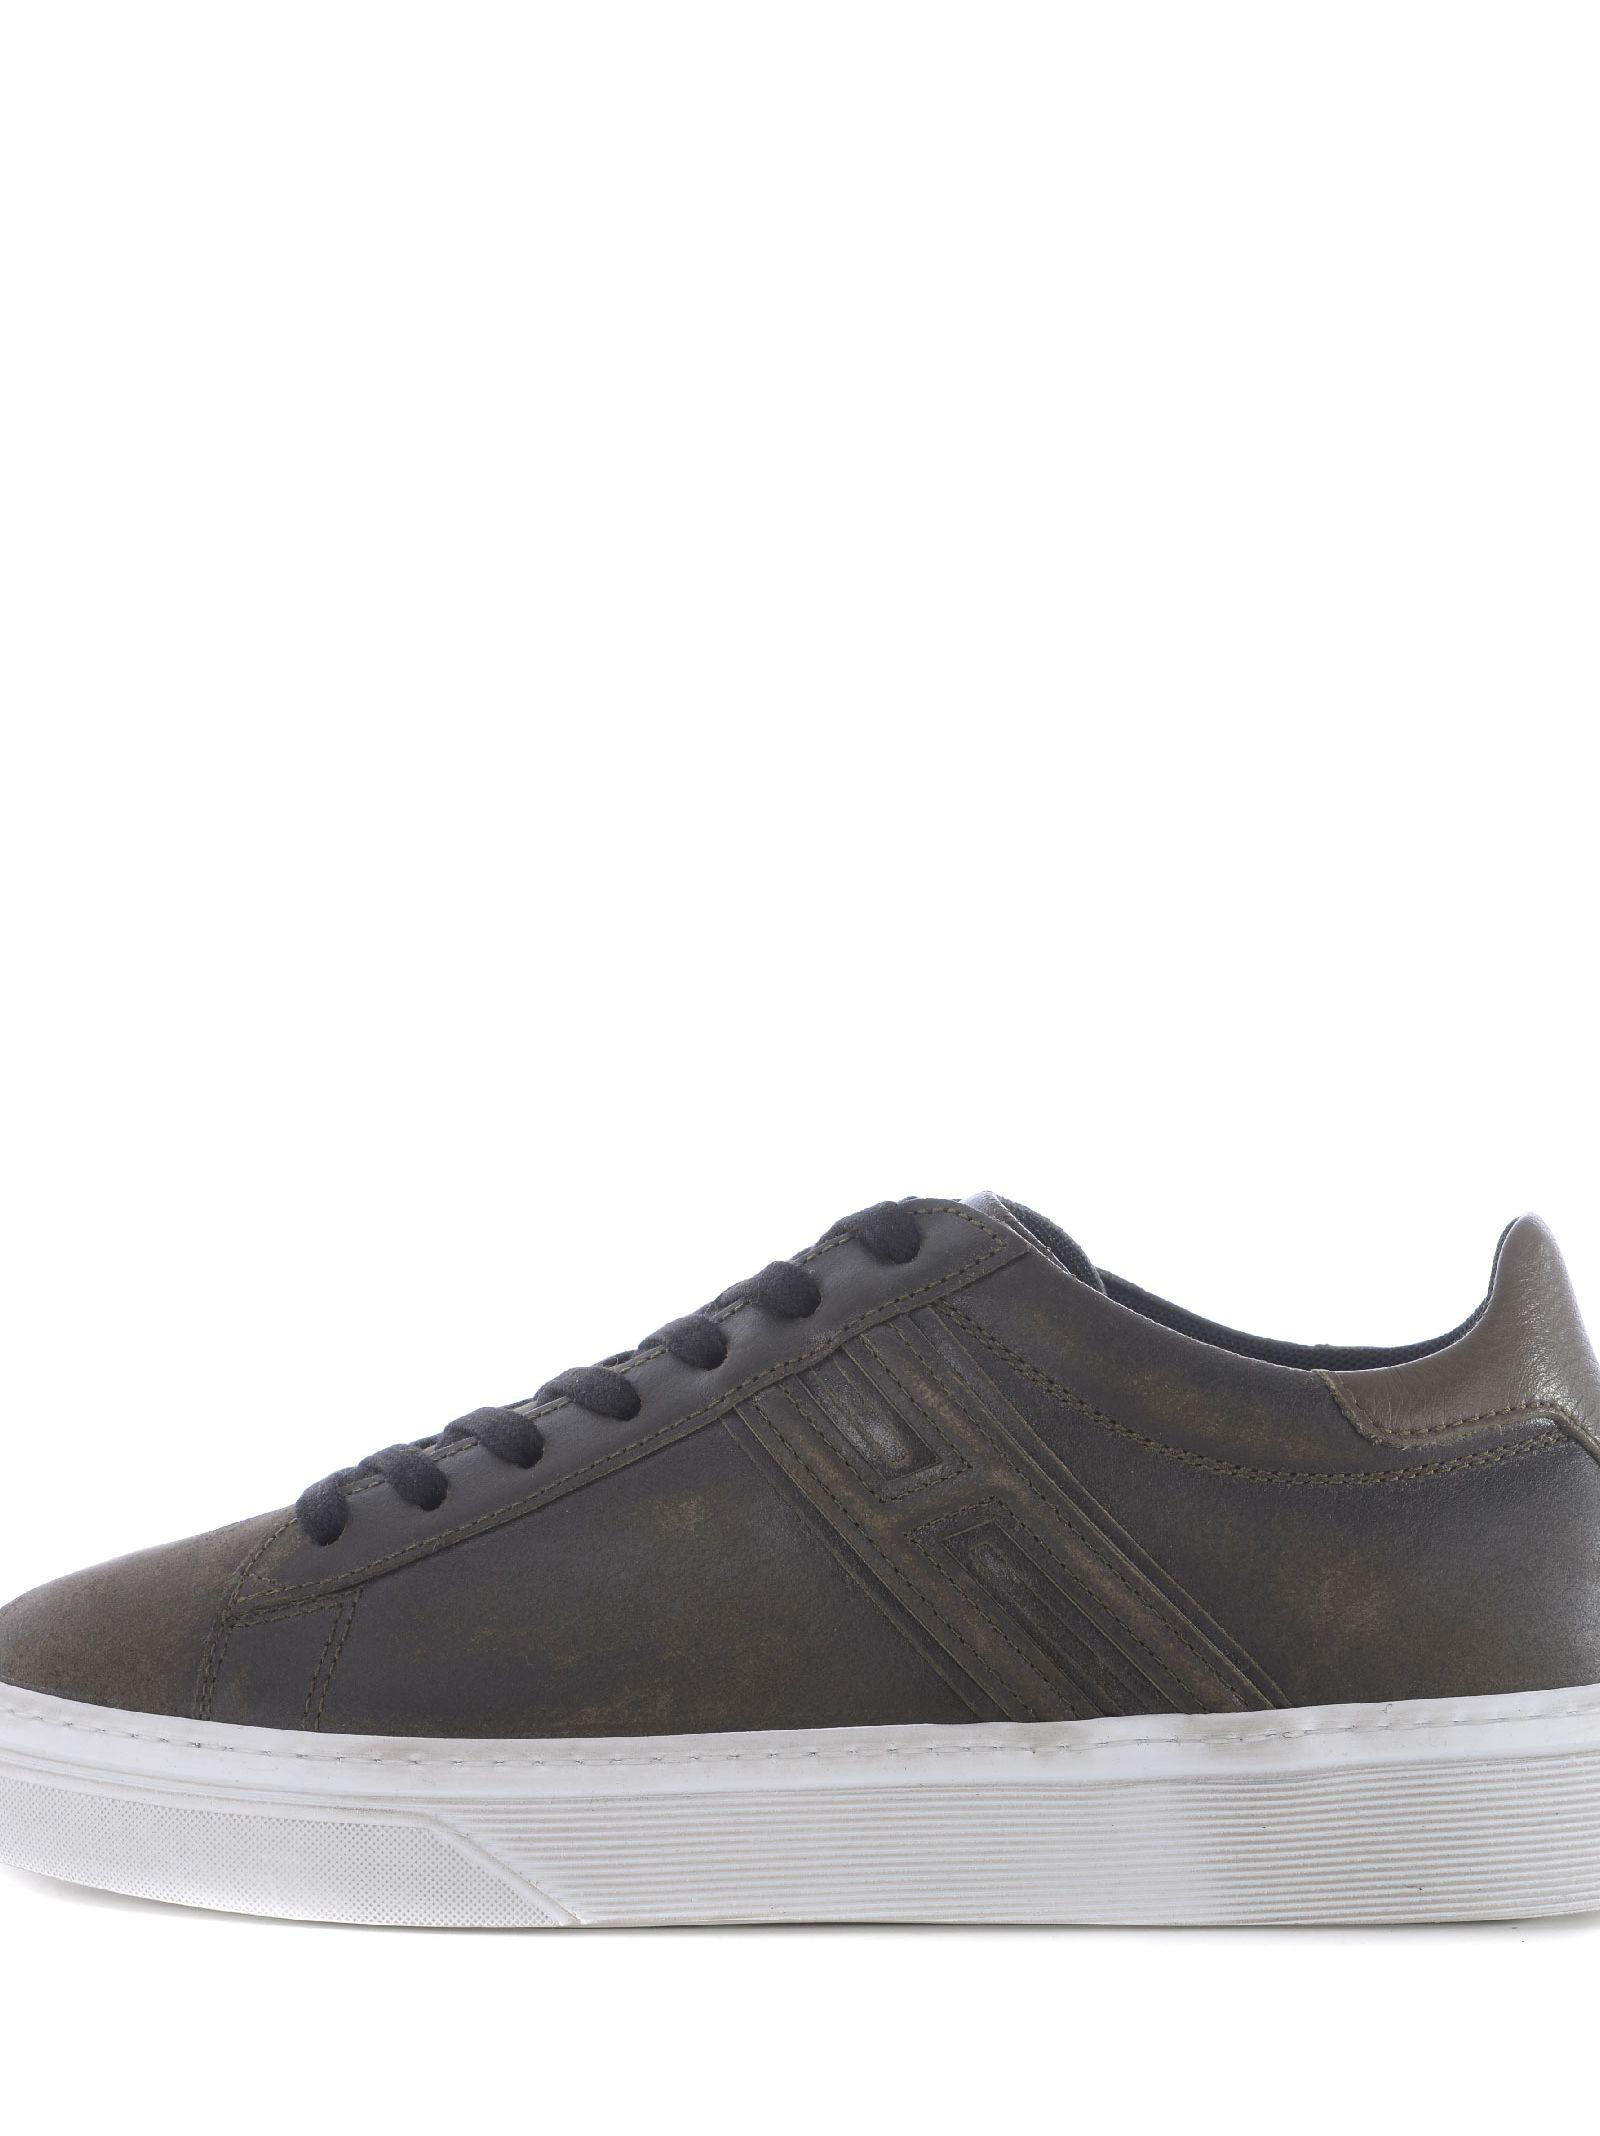 Usé Hogan Sneakers Effet Hogan Sneakers Egnk5qbh ZvIqrvw